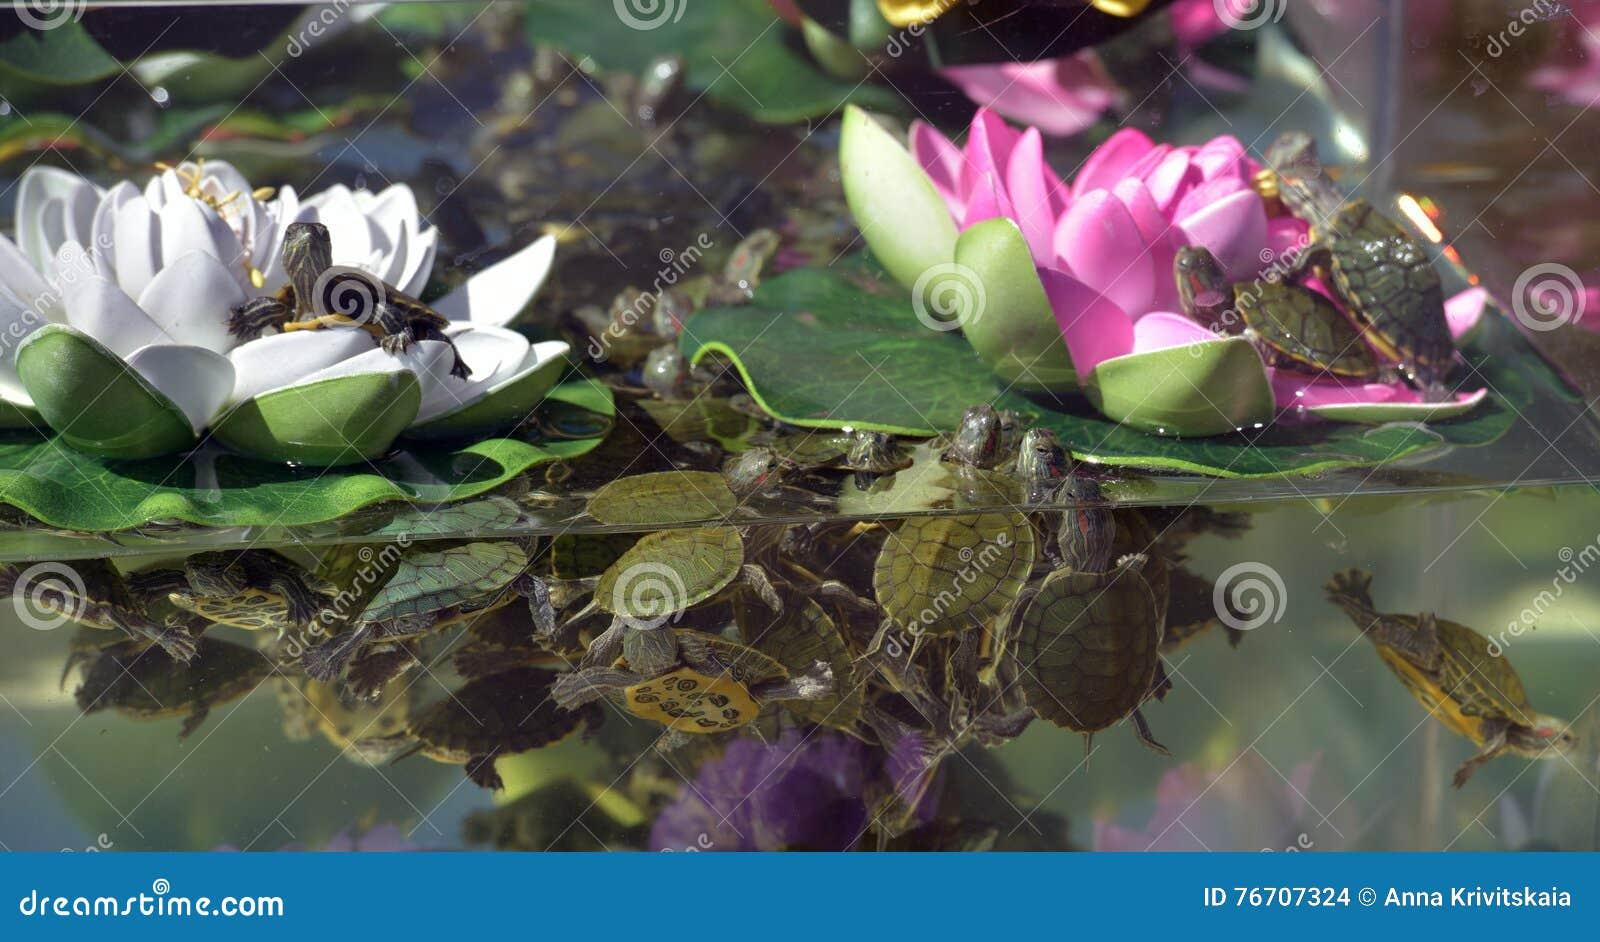 Piccole tartarughe nell 39 acquario fotografia stock for Acquario tartarughe prezzo